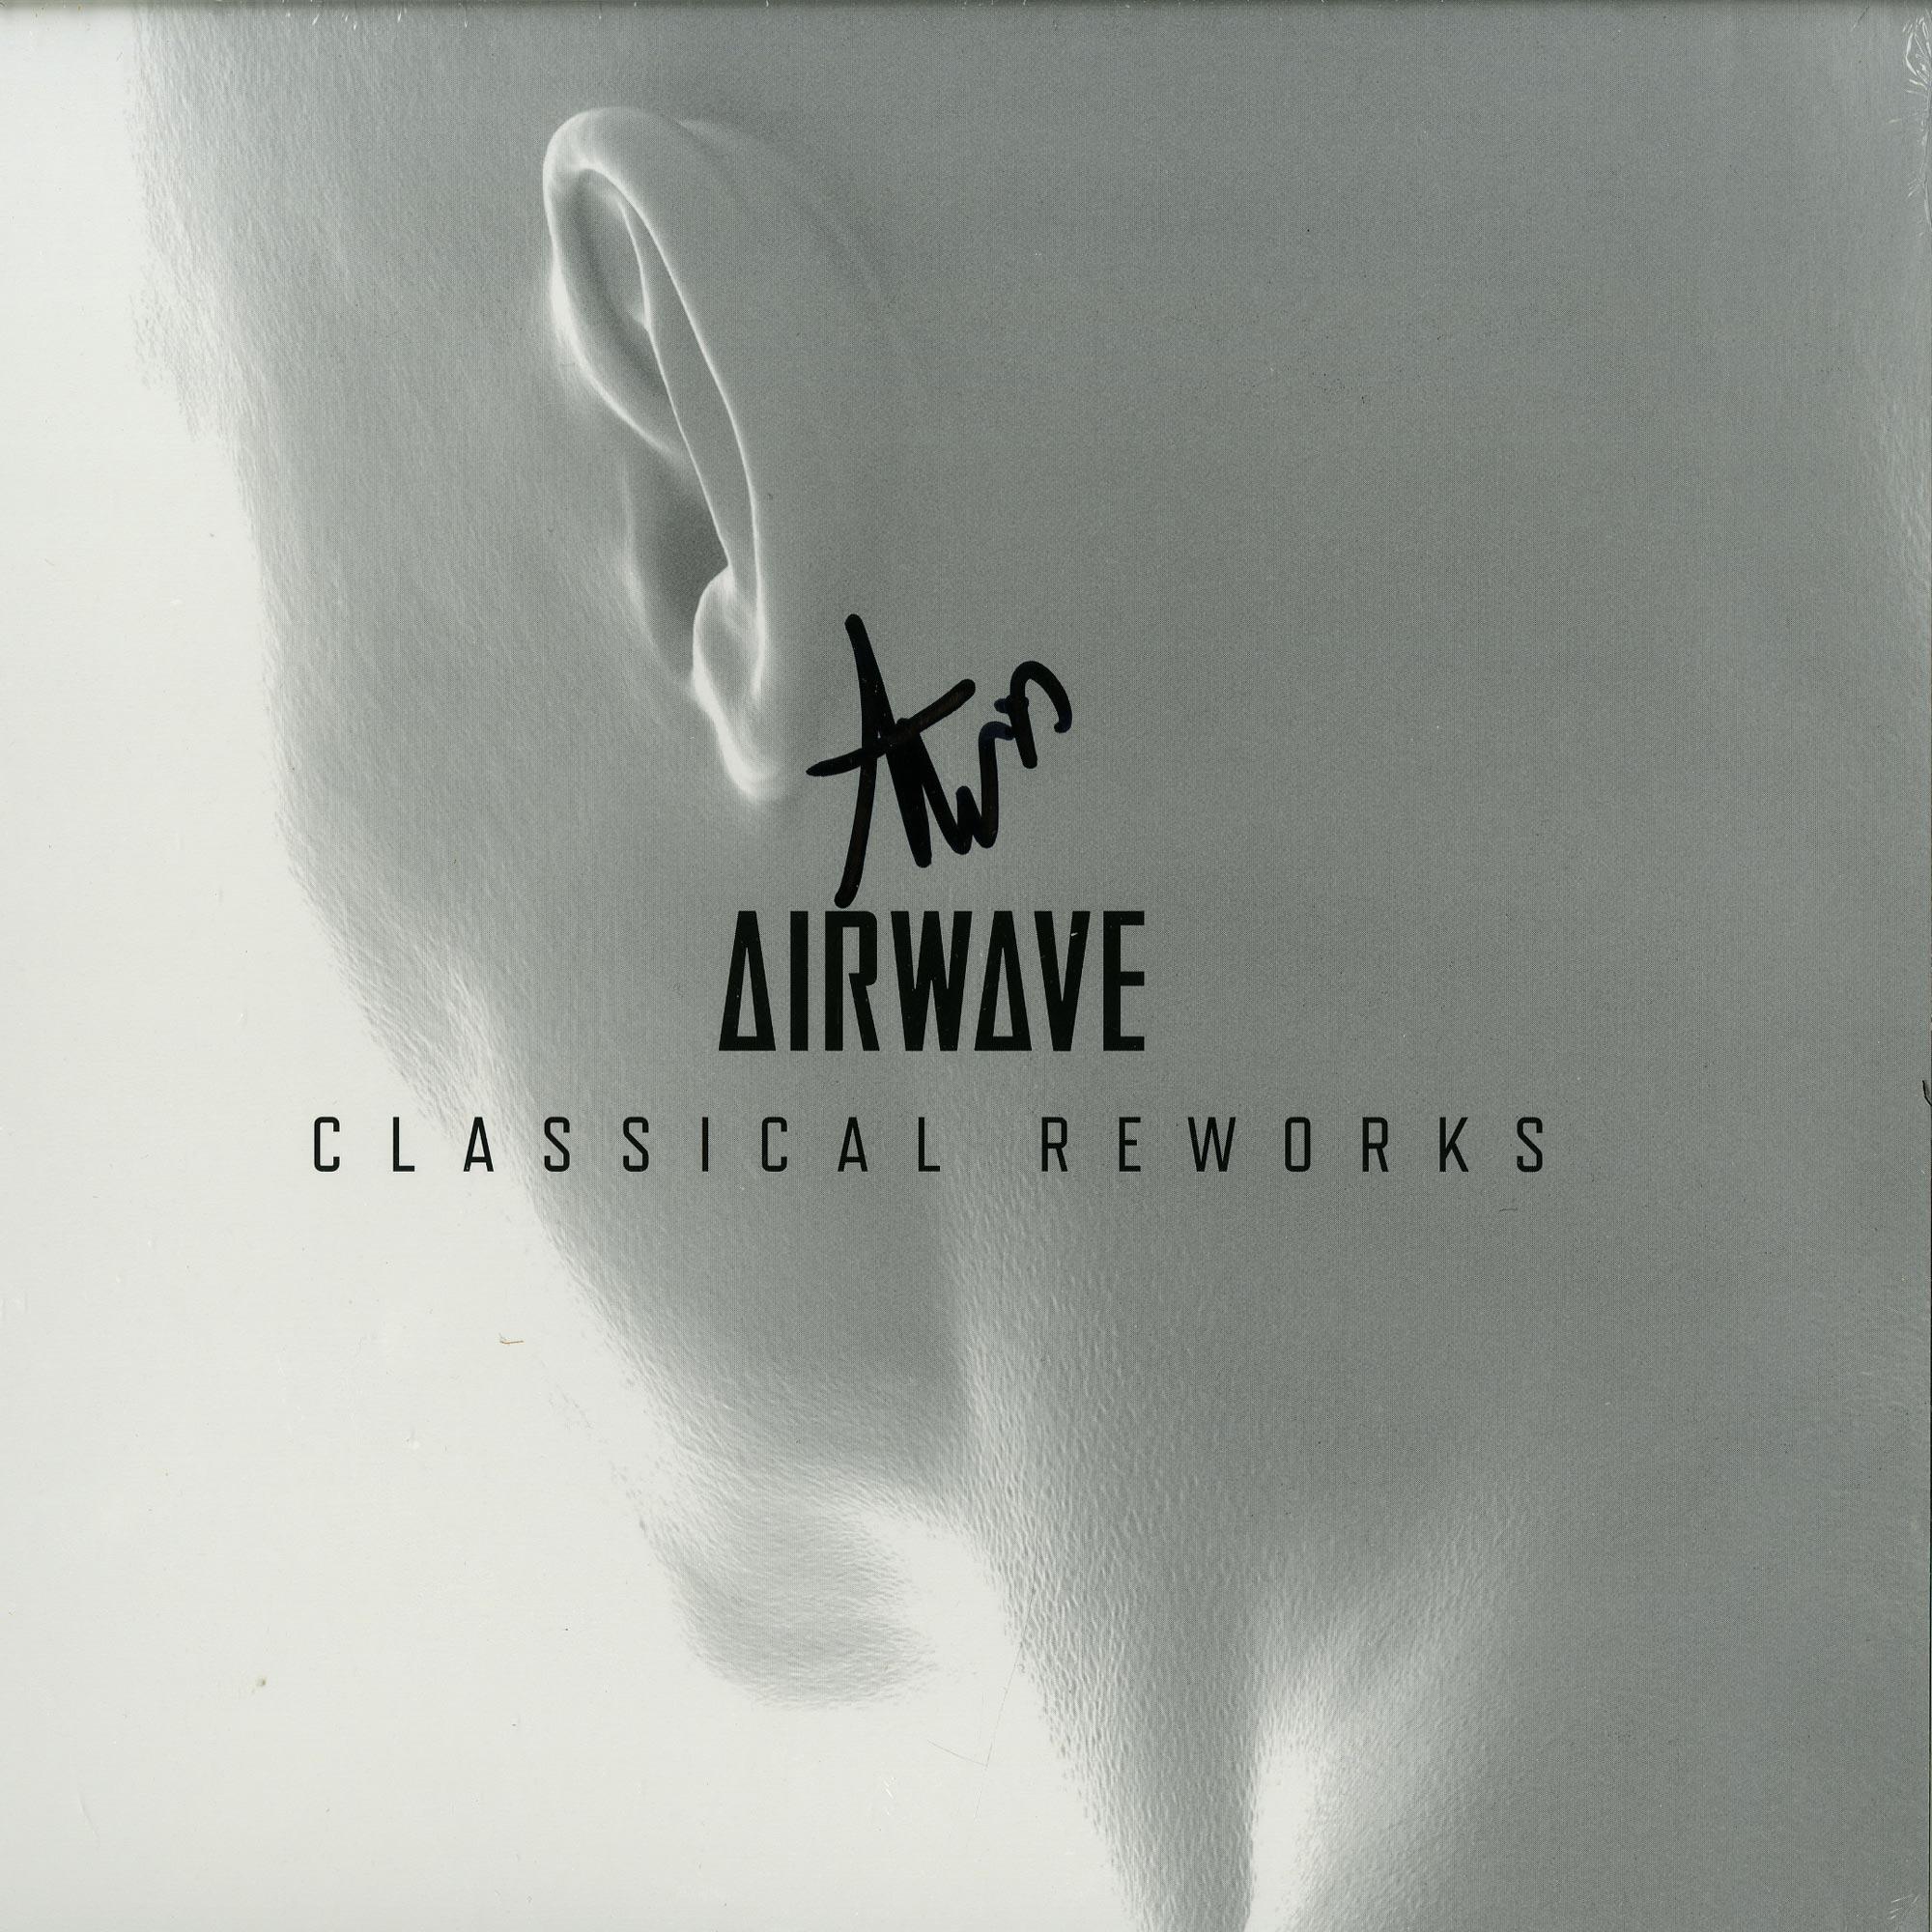 Airwave - CLASSICAL REWORKS